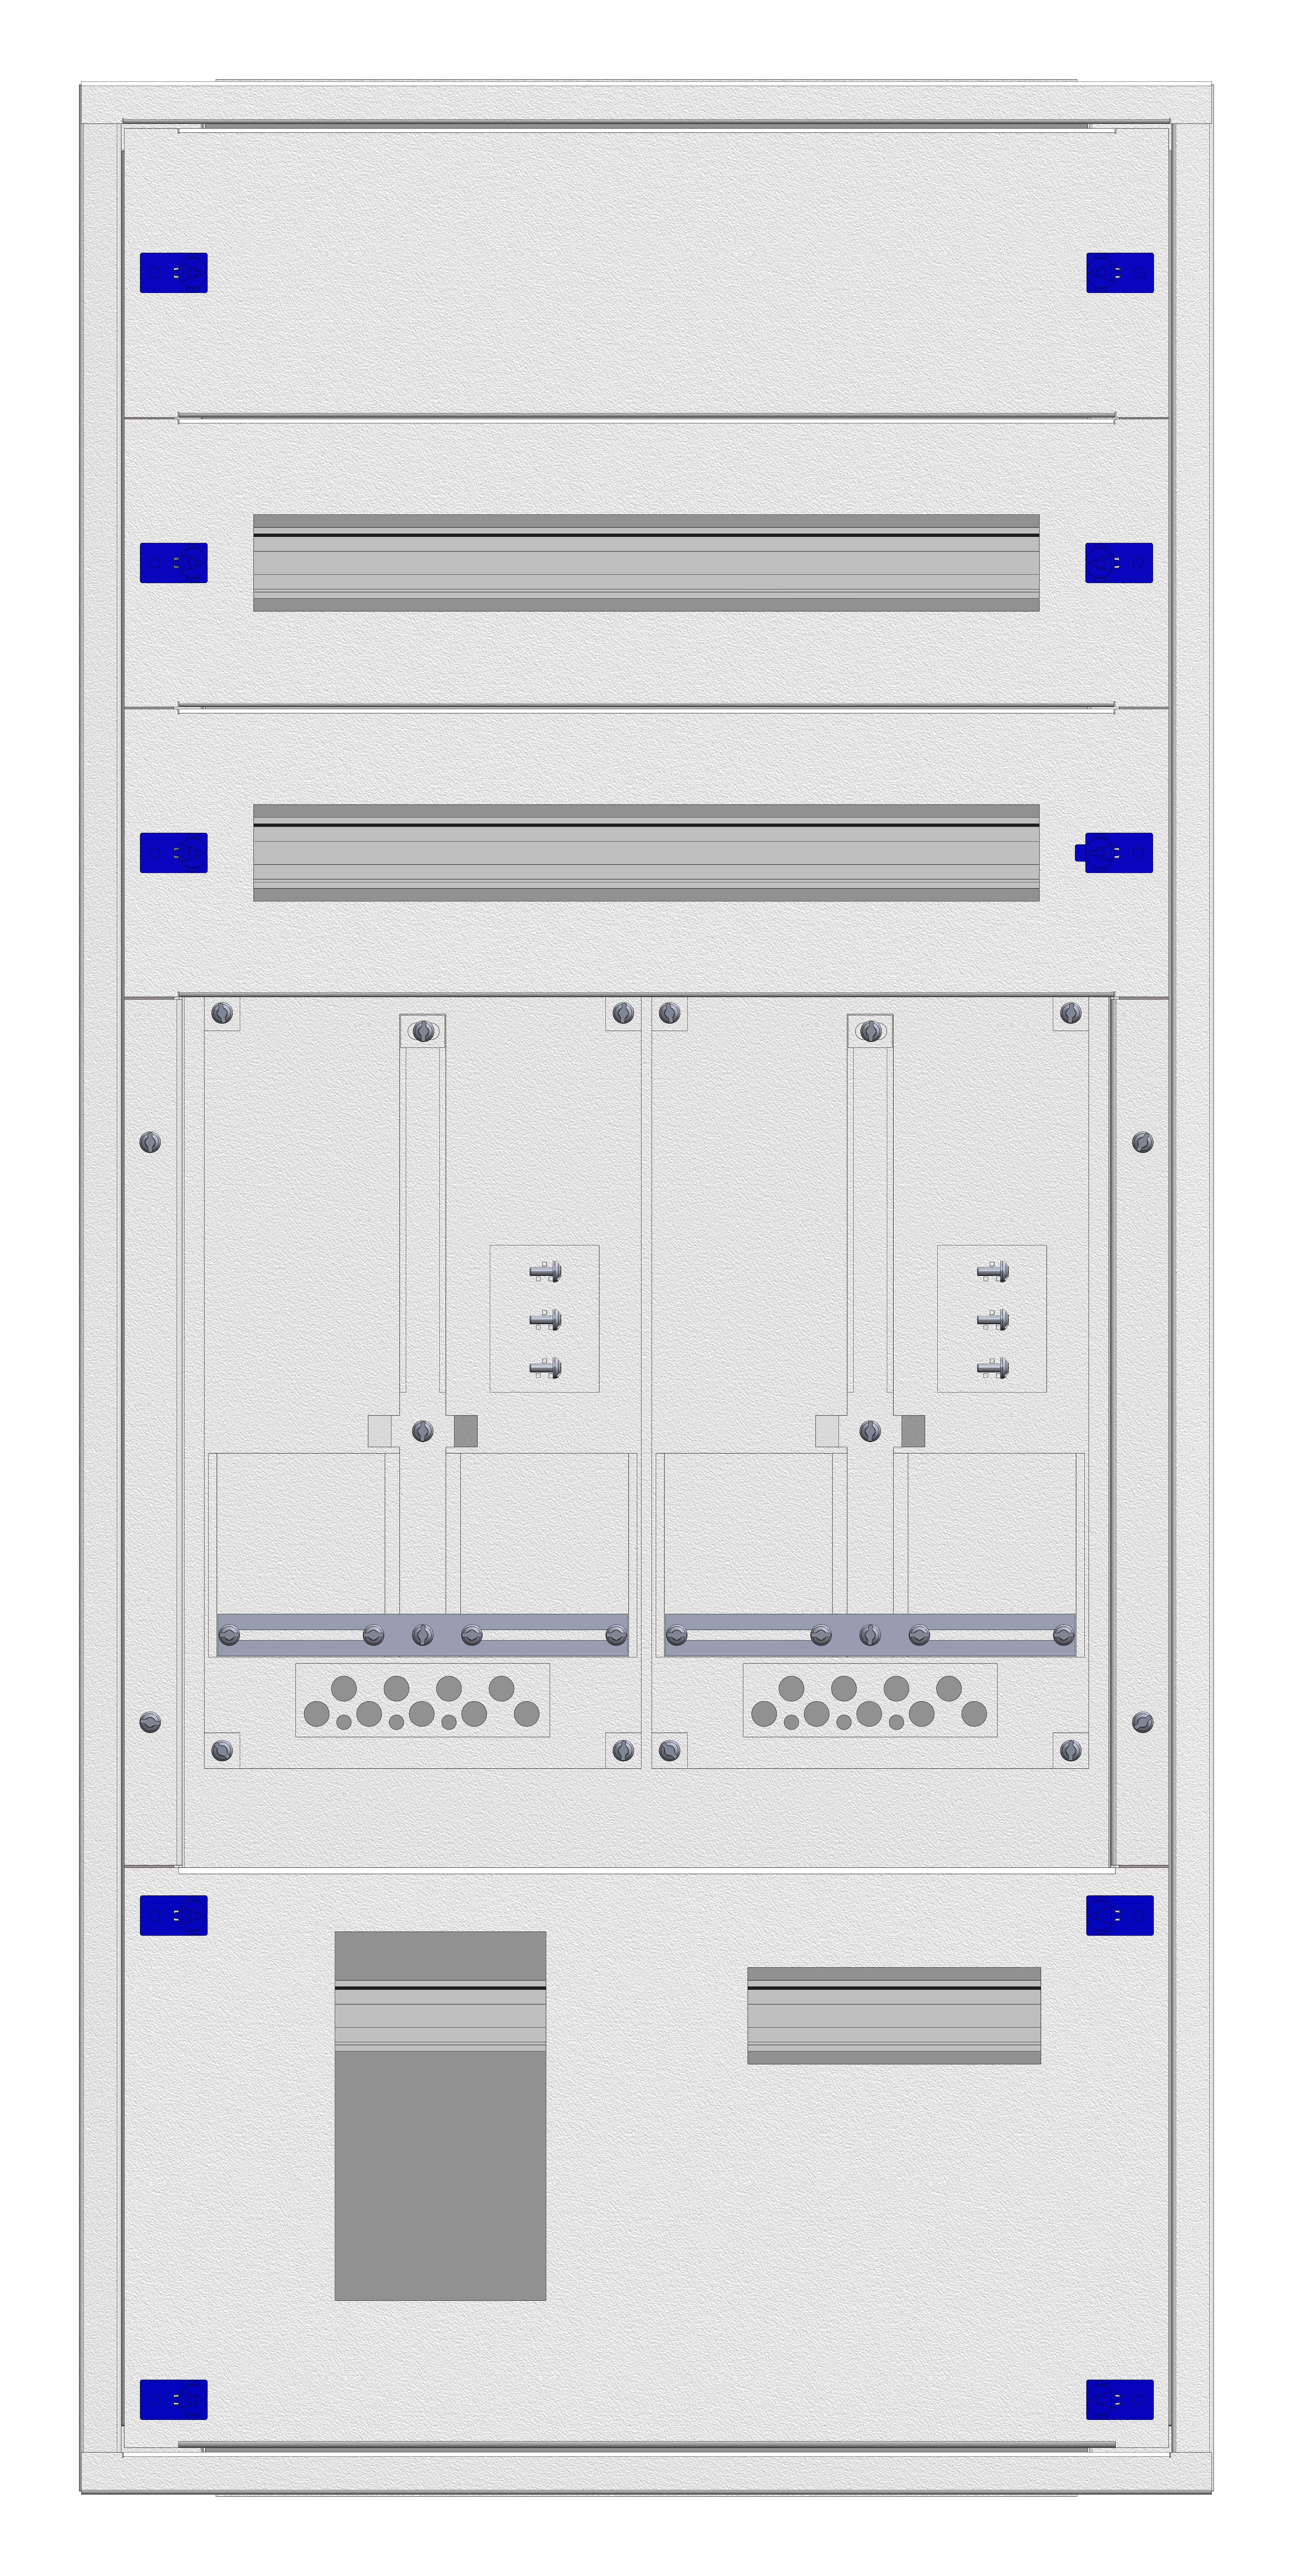 1 Stk Unterputz-Zählerverteiler 2U-24E/SBG 2ZP, H1195B590T250mm IL164224SS